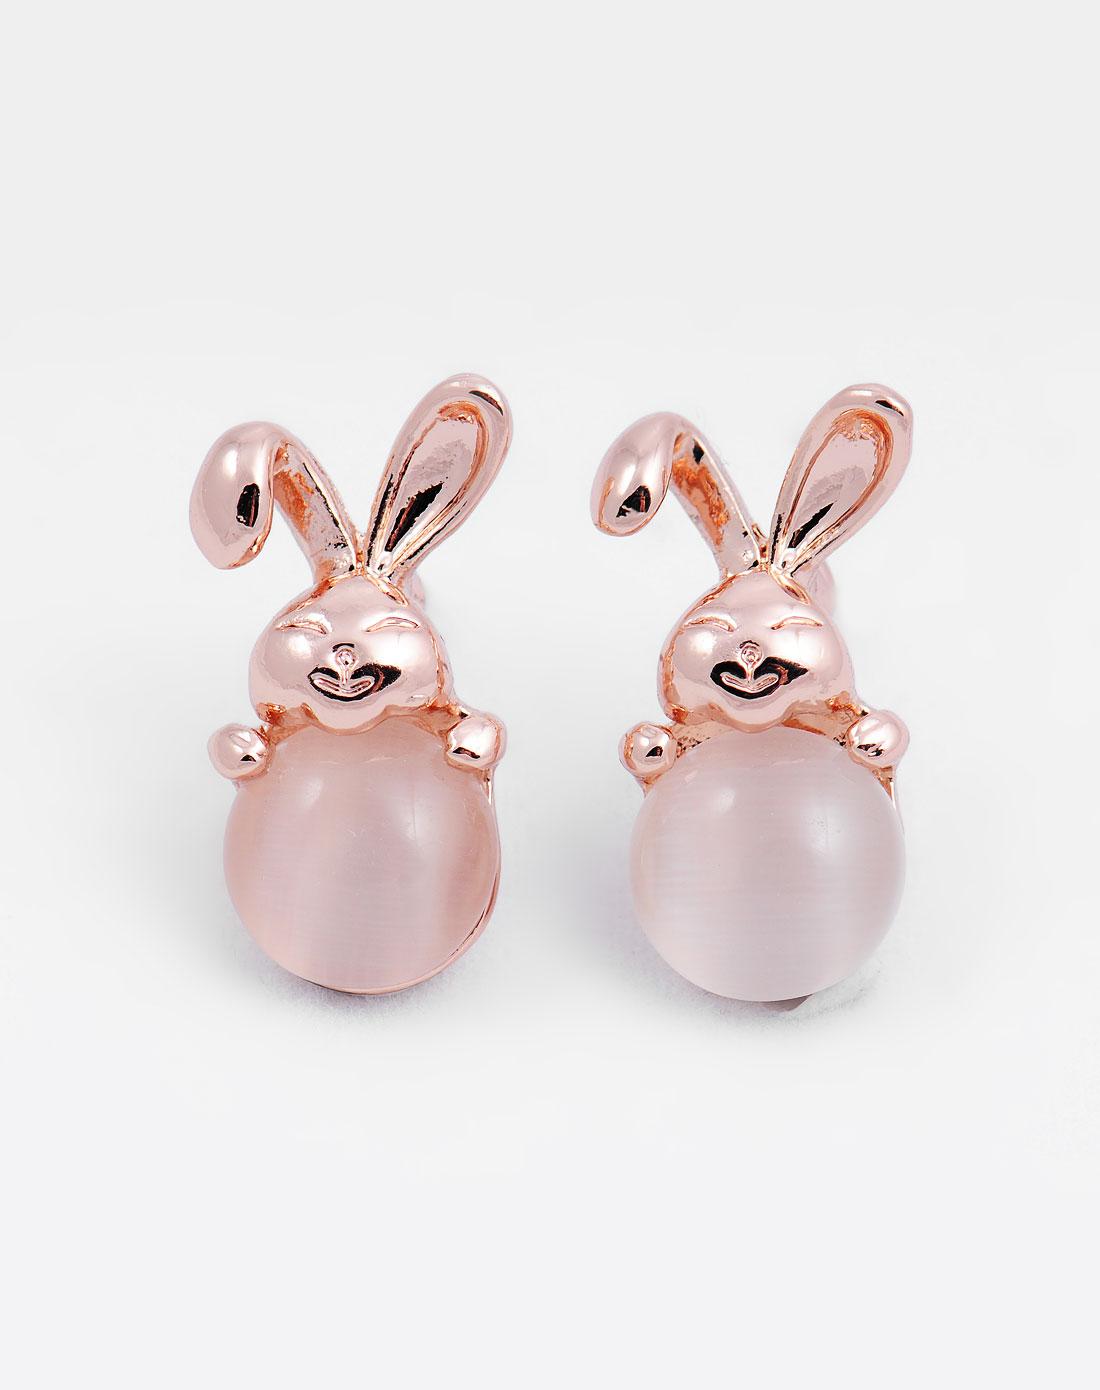 超可爱萌萌的小兔子猫眼石耳环